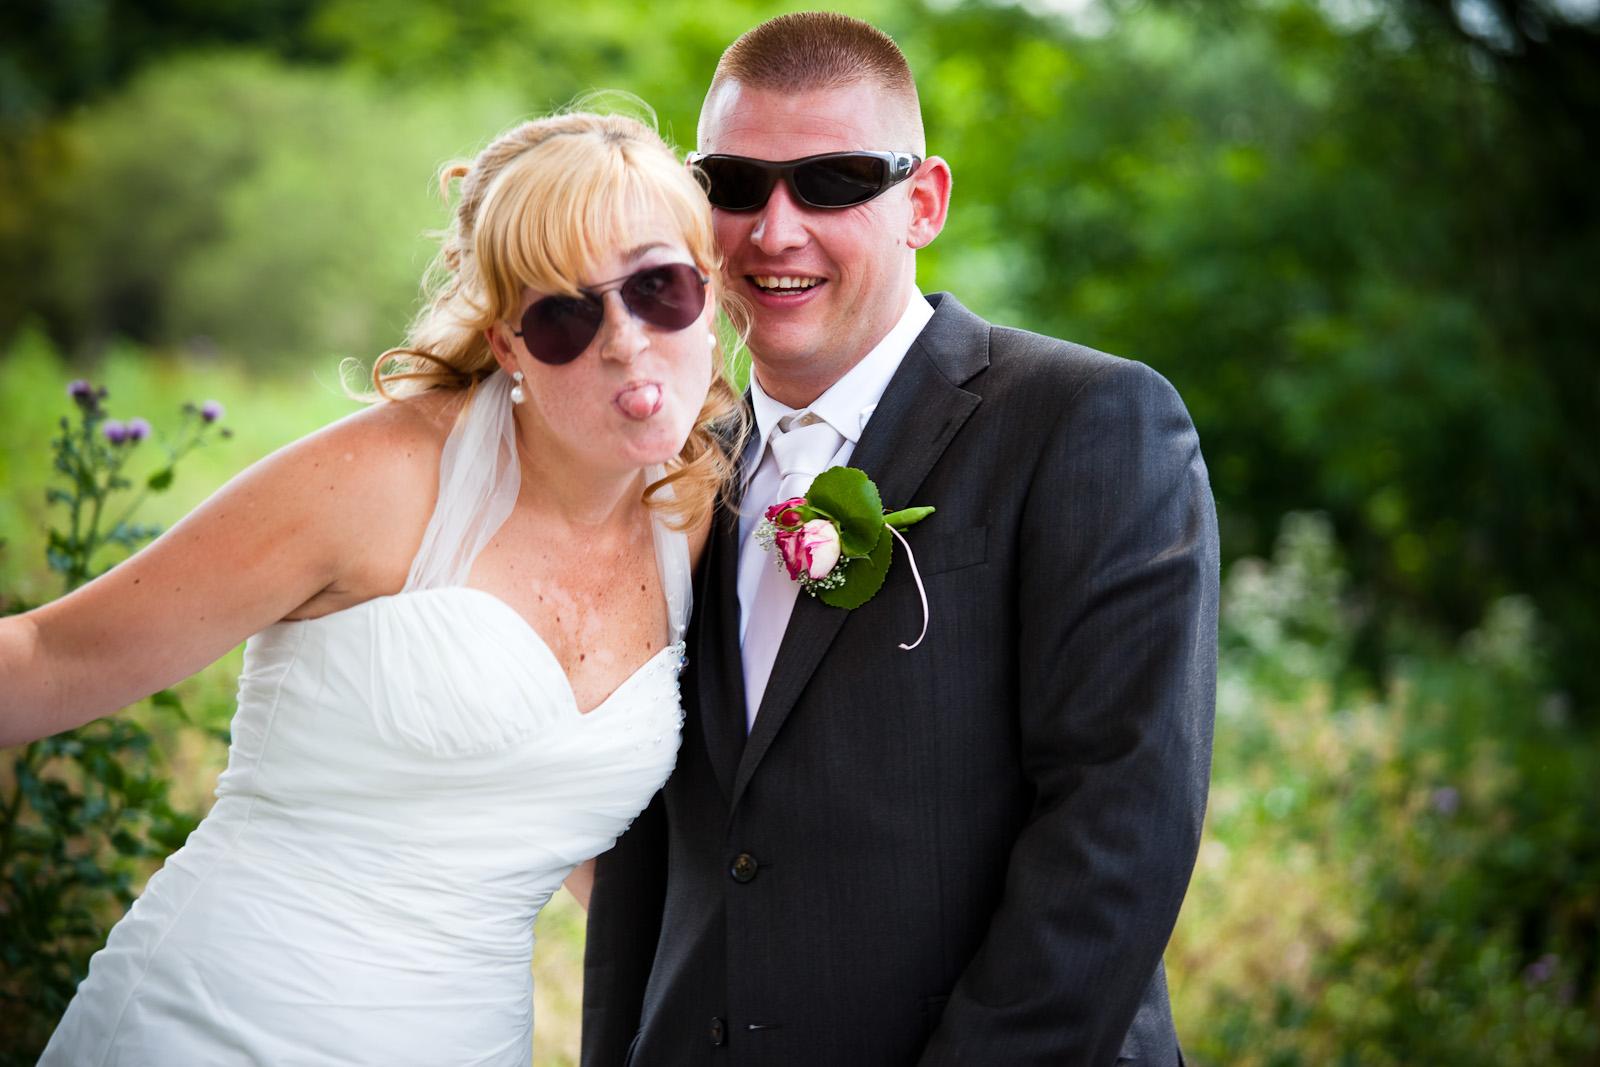 trouwshoot-bruidsfotografie-trouwfoto-feestfotografie-trouwreportage-Alex en Evelyn527.jpg